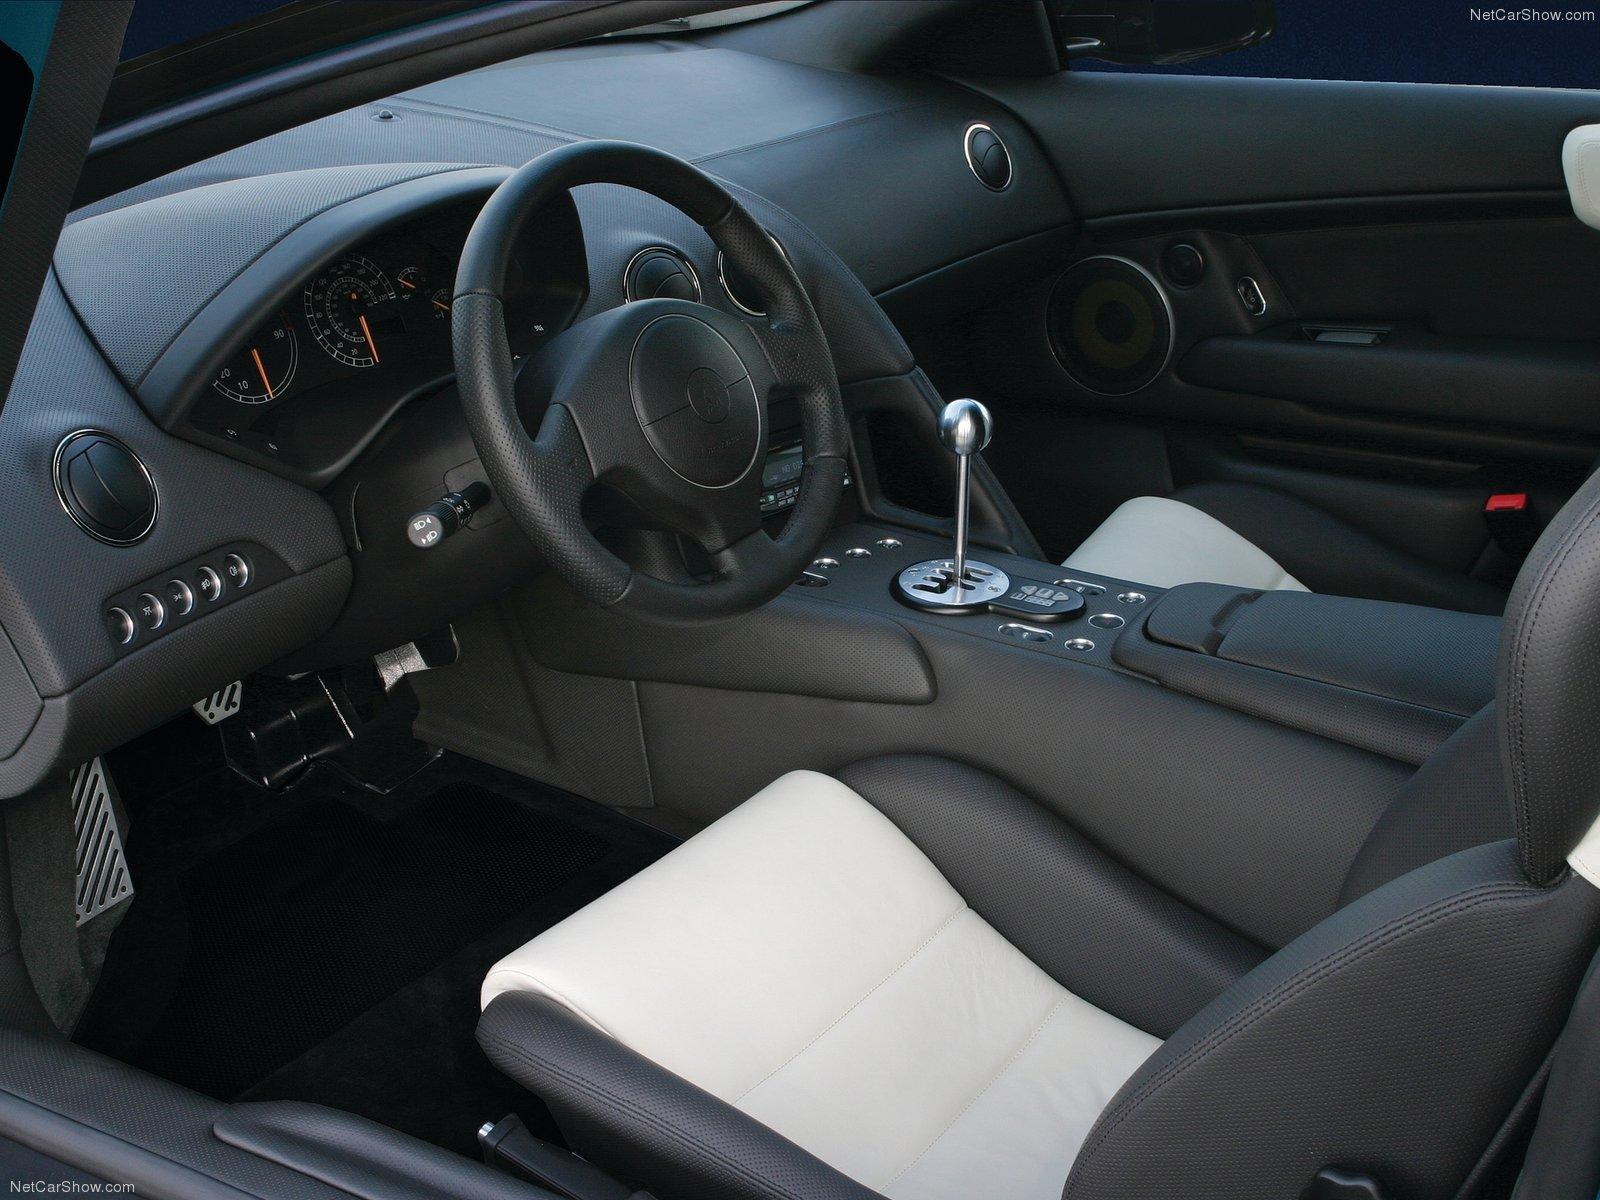 Hình ảnh siêu xe Lamborghini Murcielago 40th Anniversary Edition 2003 & nội ngoại thất